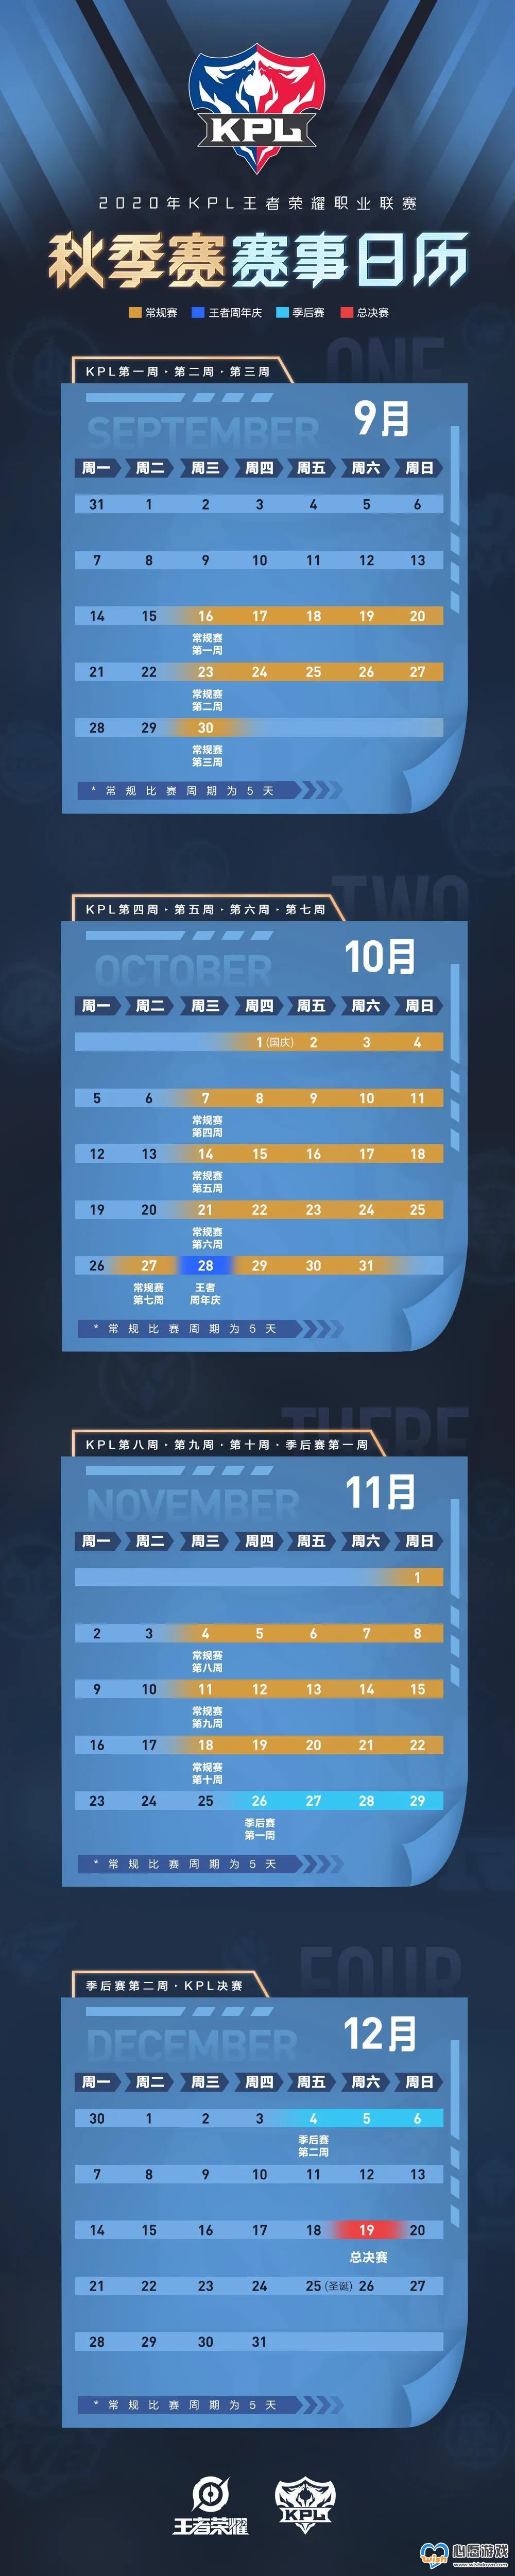 王者荣耀2020KPL秋季赛赛程表